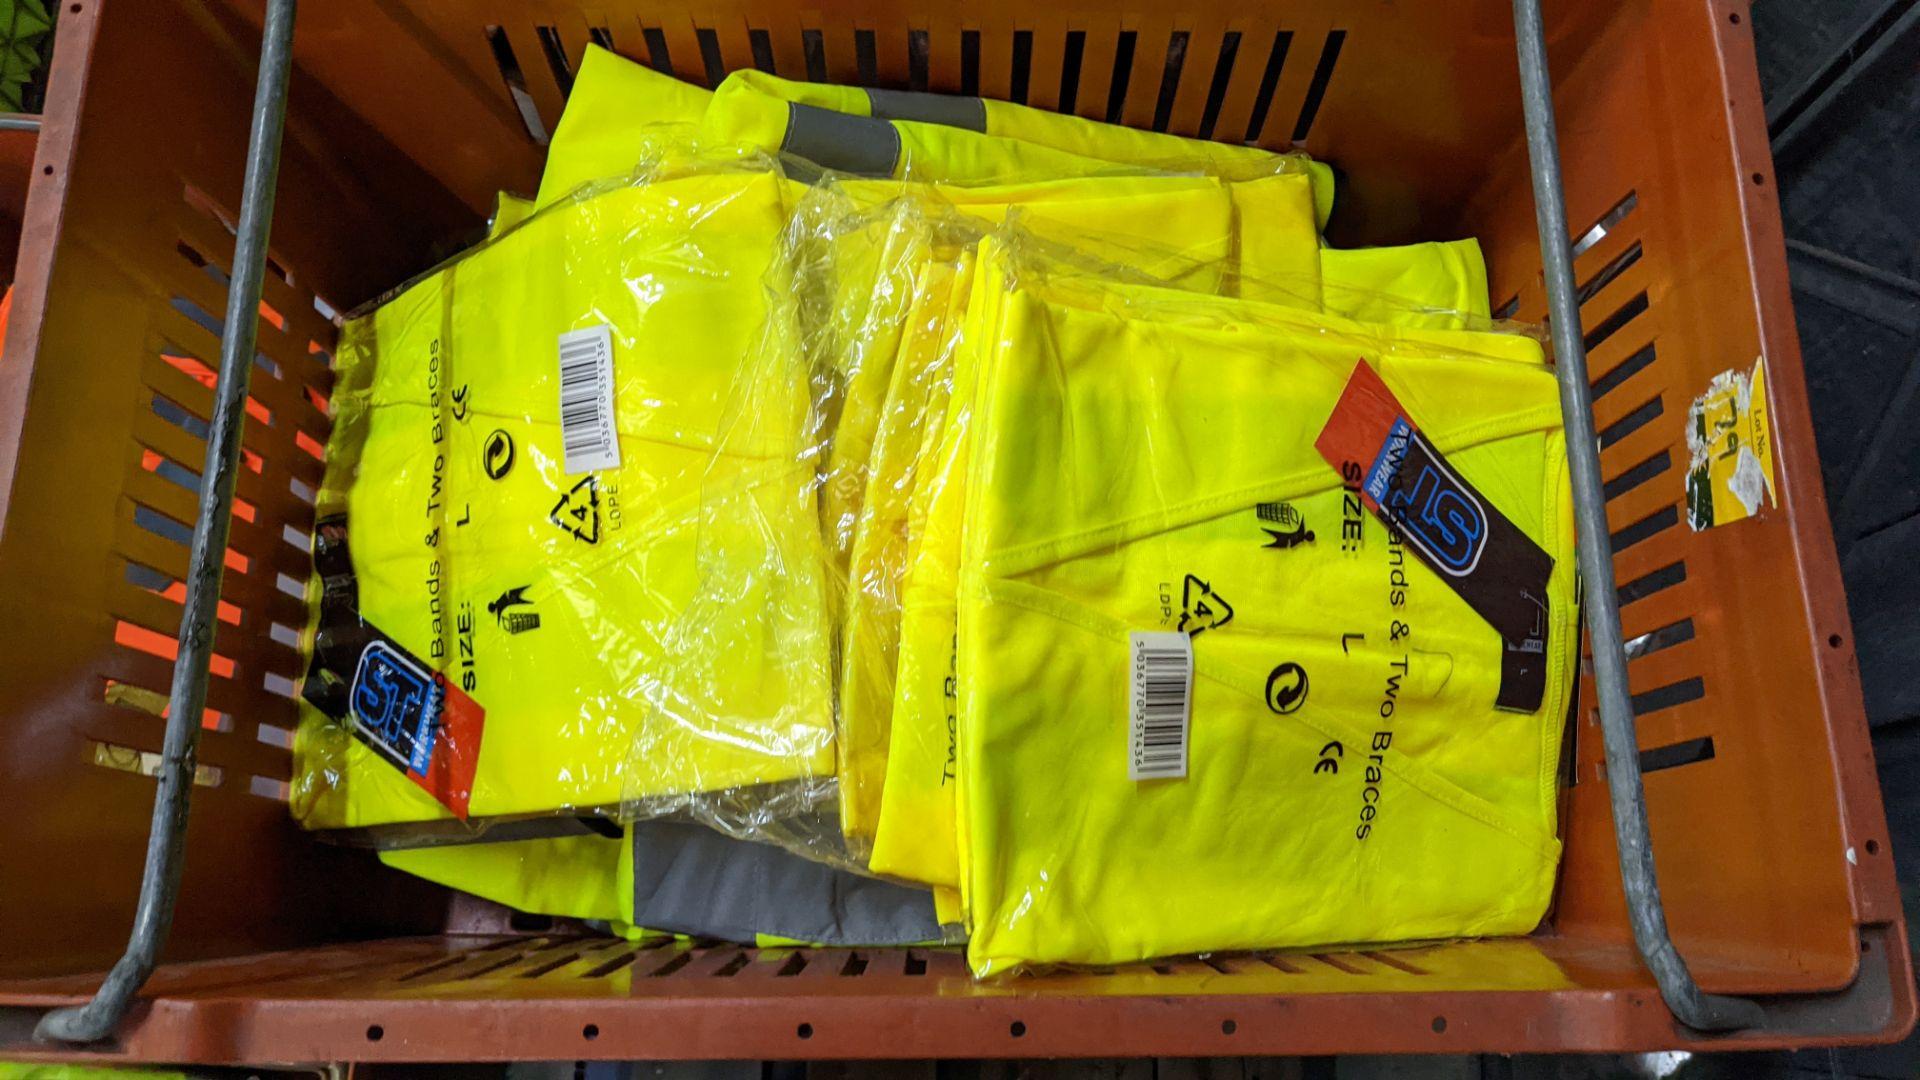 20 off yellow hi-vis vests - Image 5 of 5